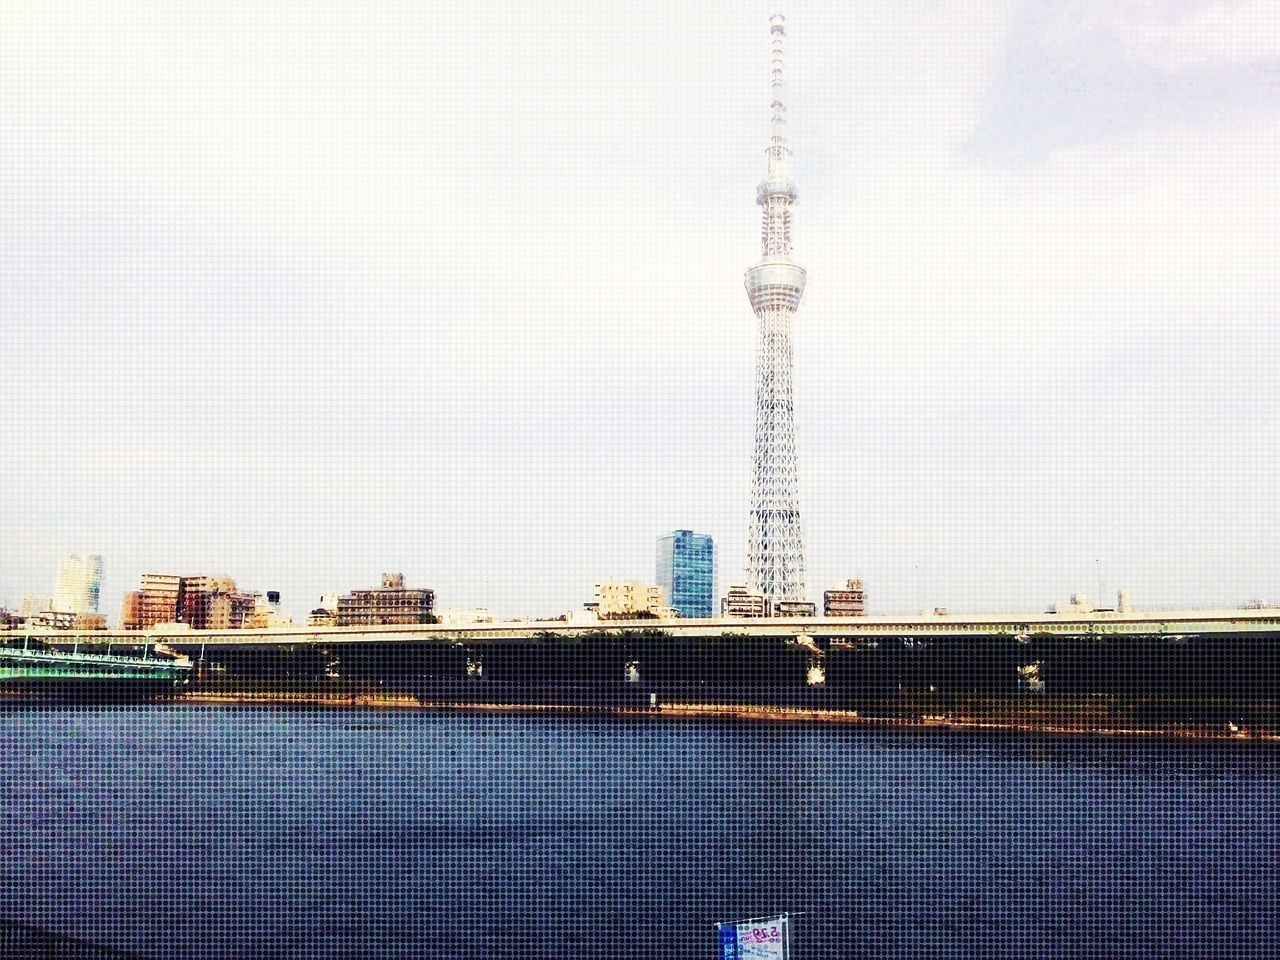 日本2016年 東京スカイツリー Relaxing by the River